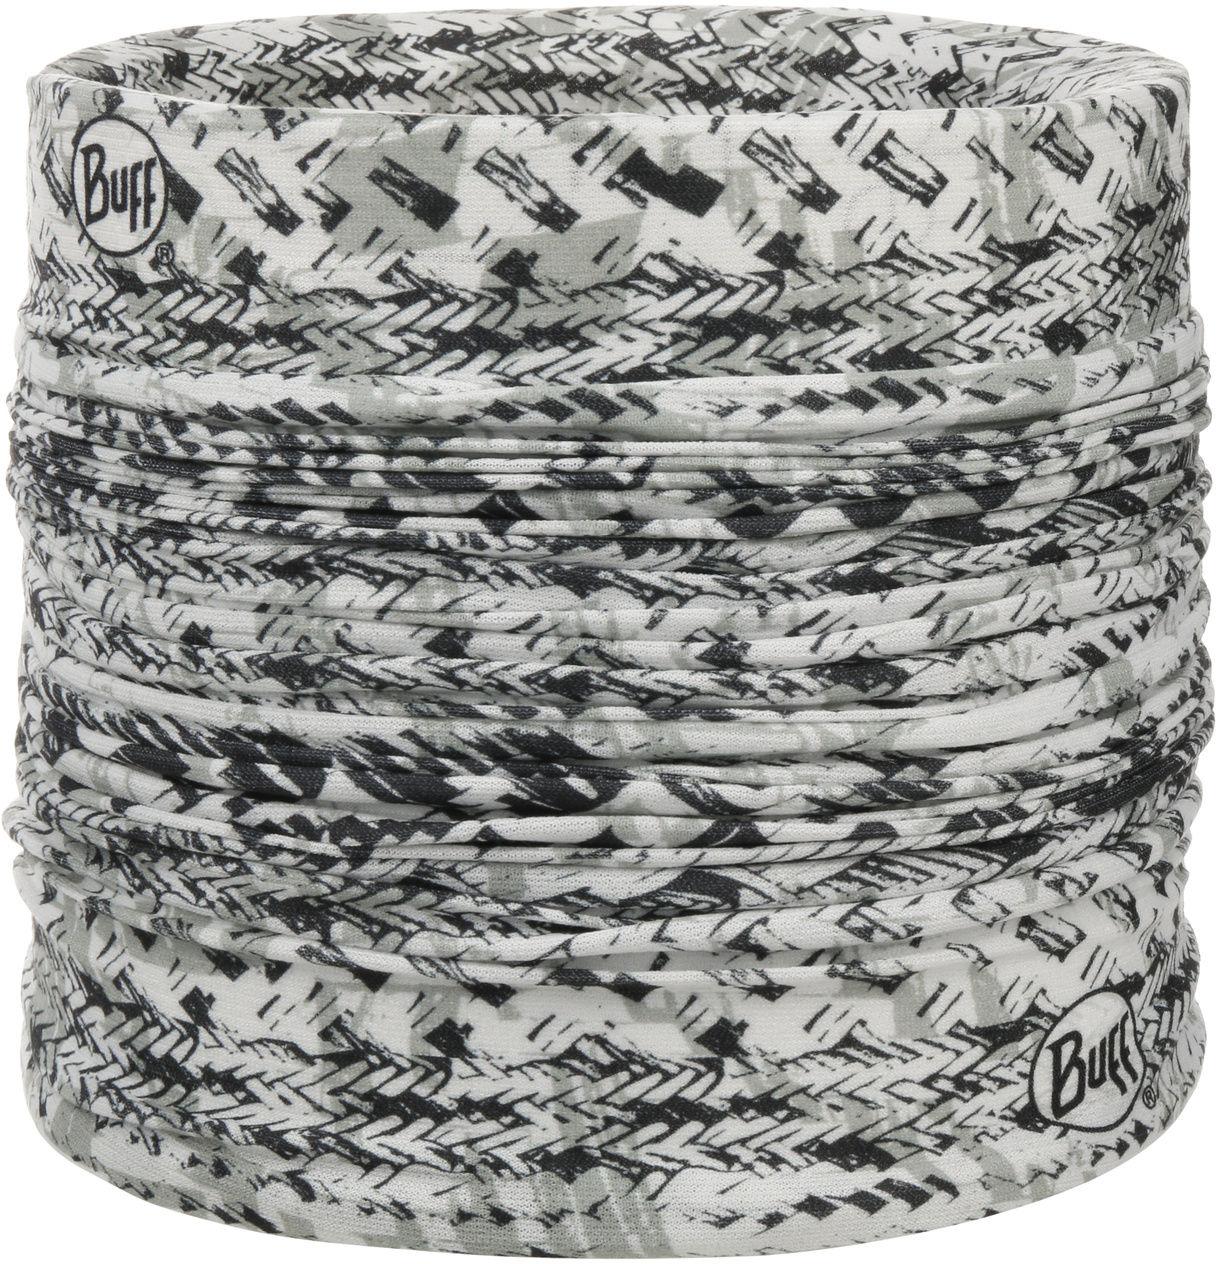 Chustka Wielozadaniowa Coolnet UV+ Zacate by BUFF, biały, One Size